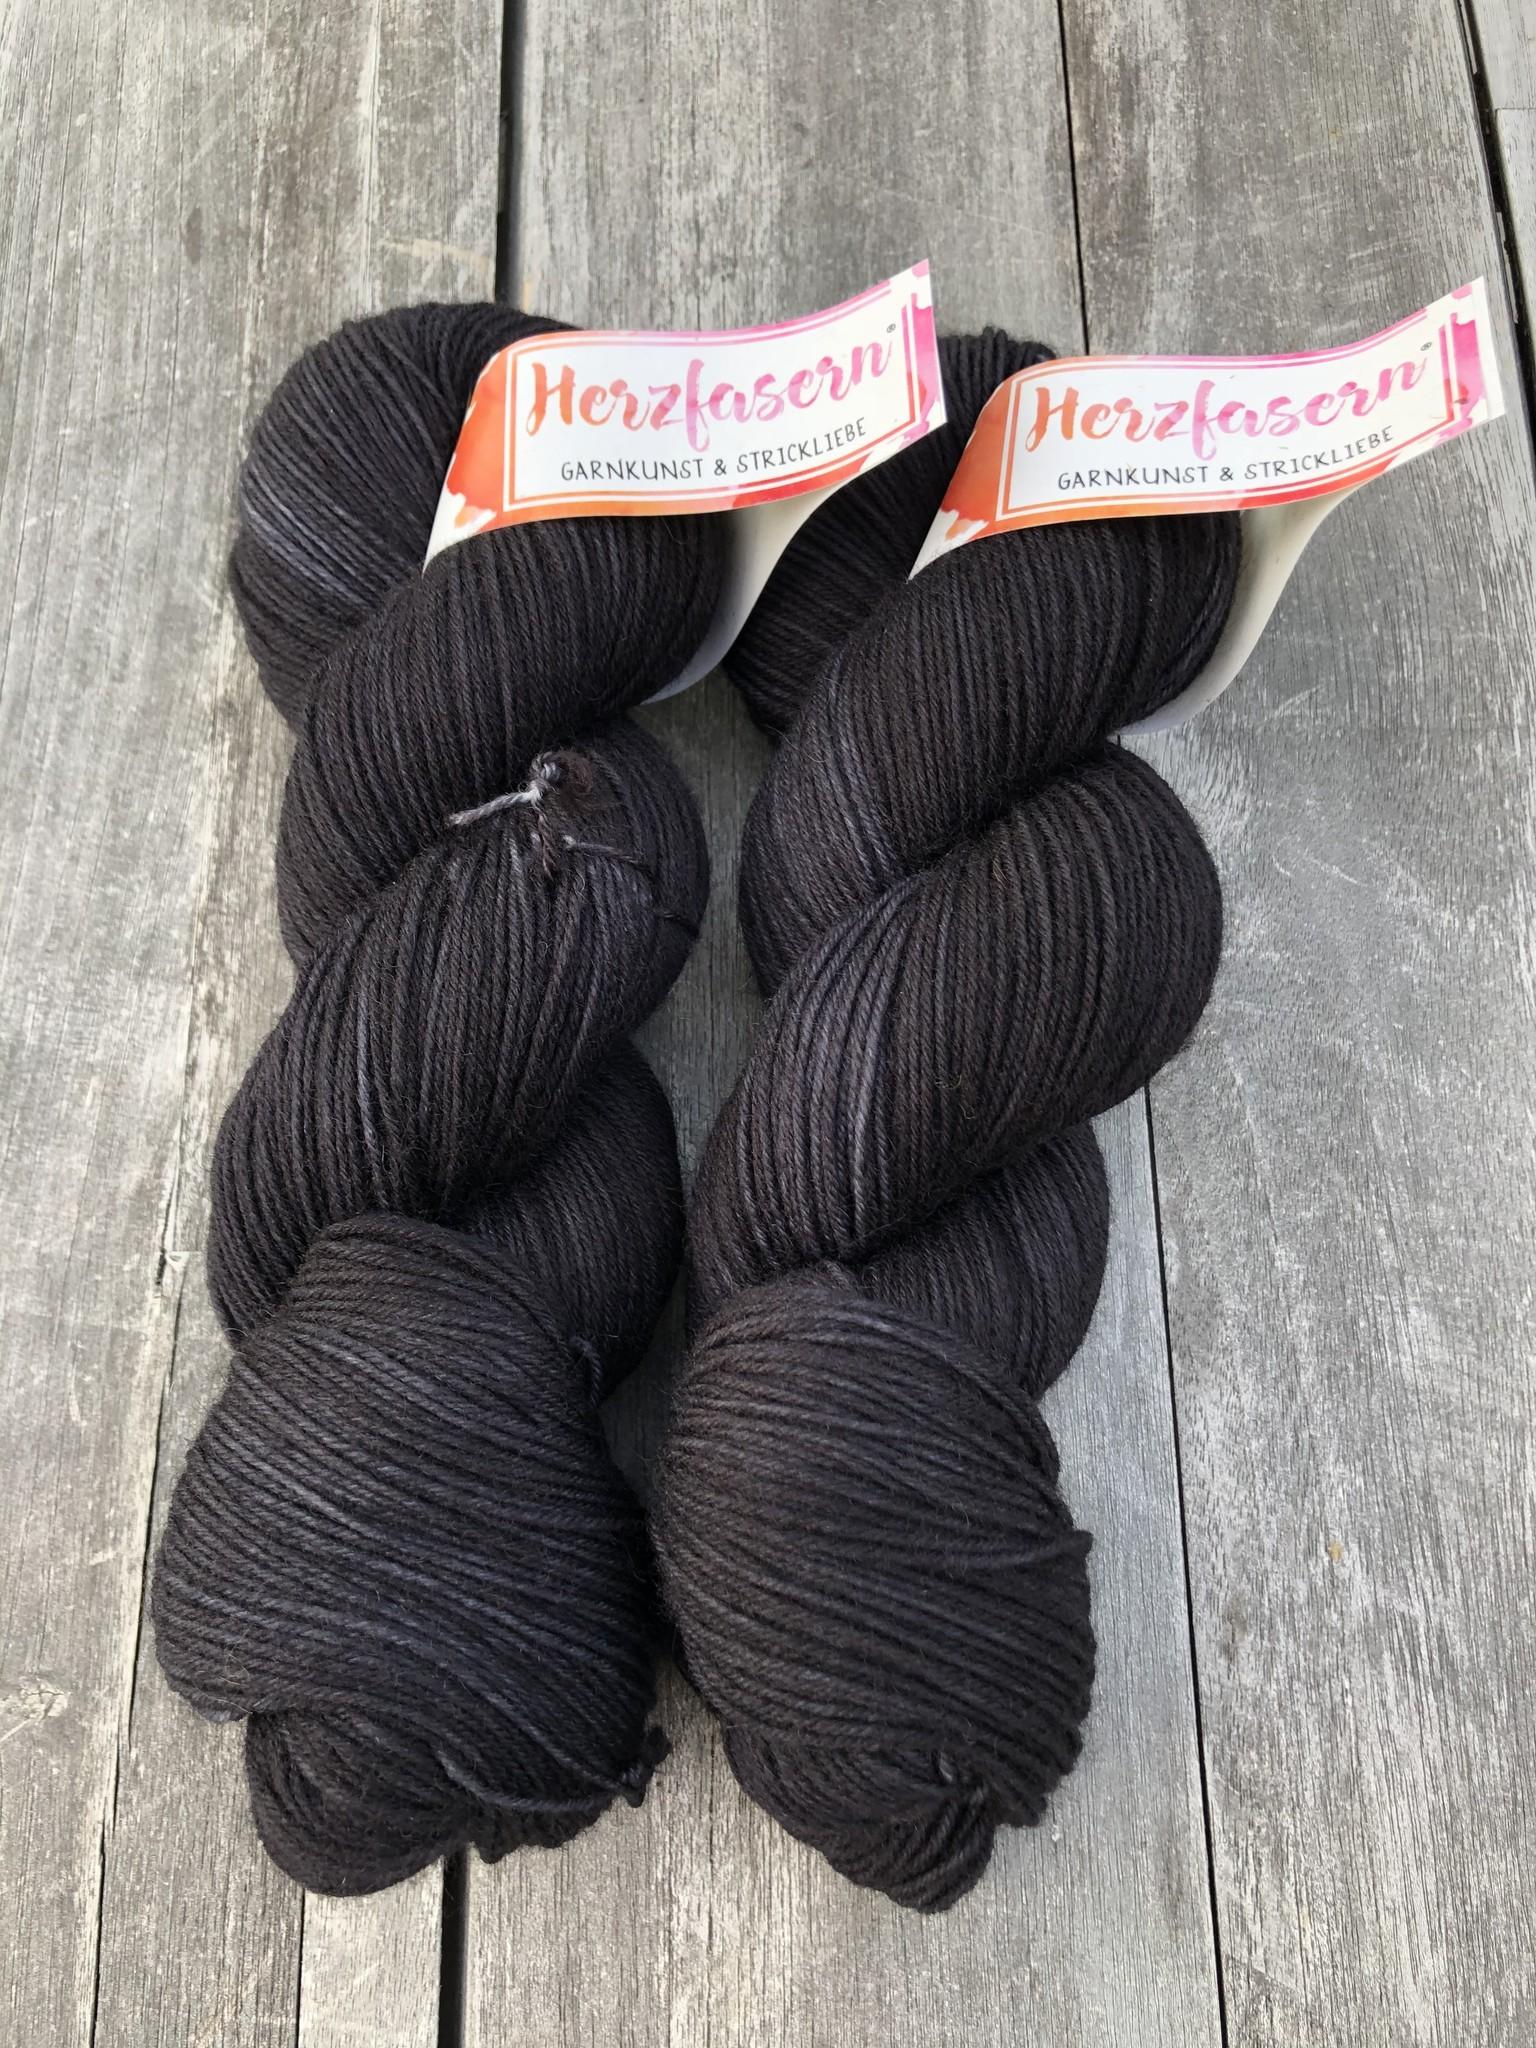 Herzfasern Sockenwolle - Schwarz